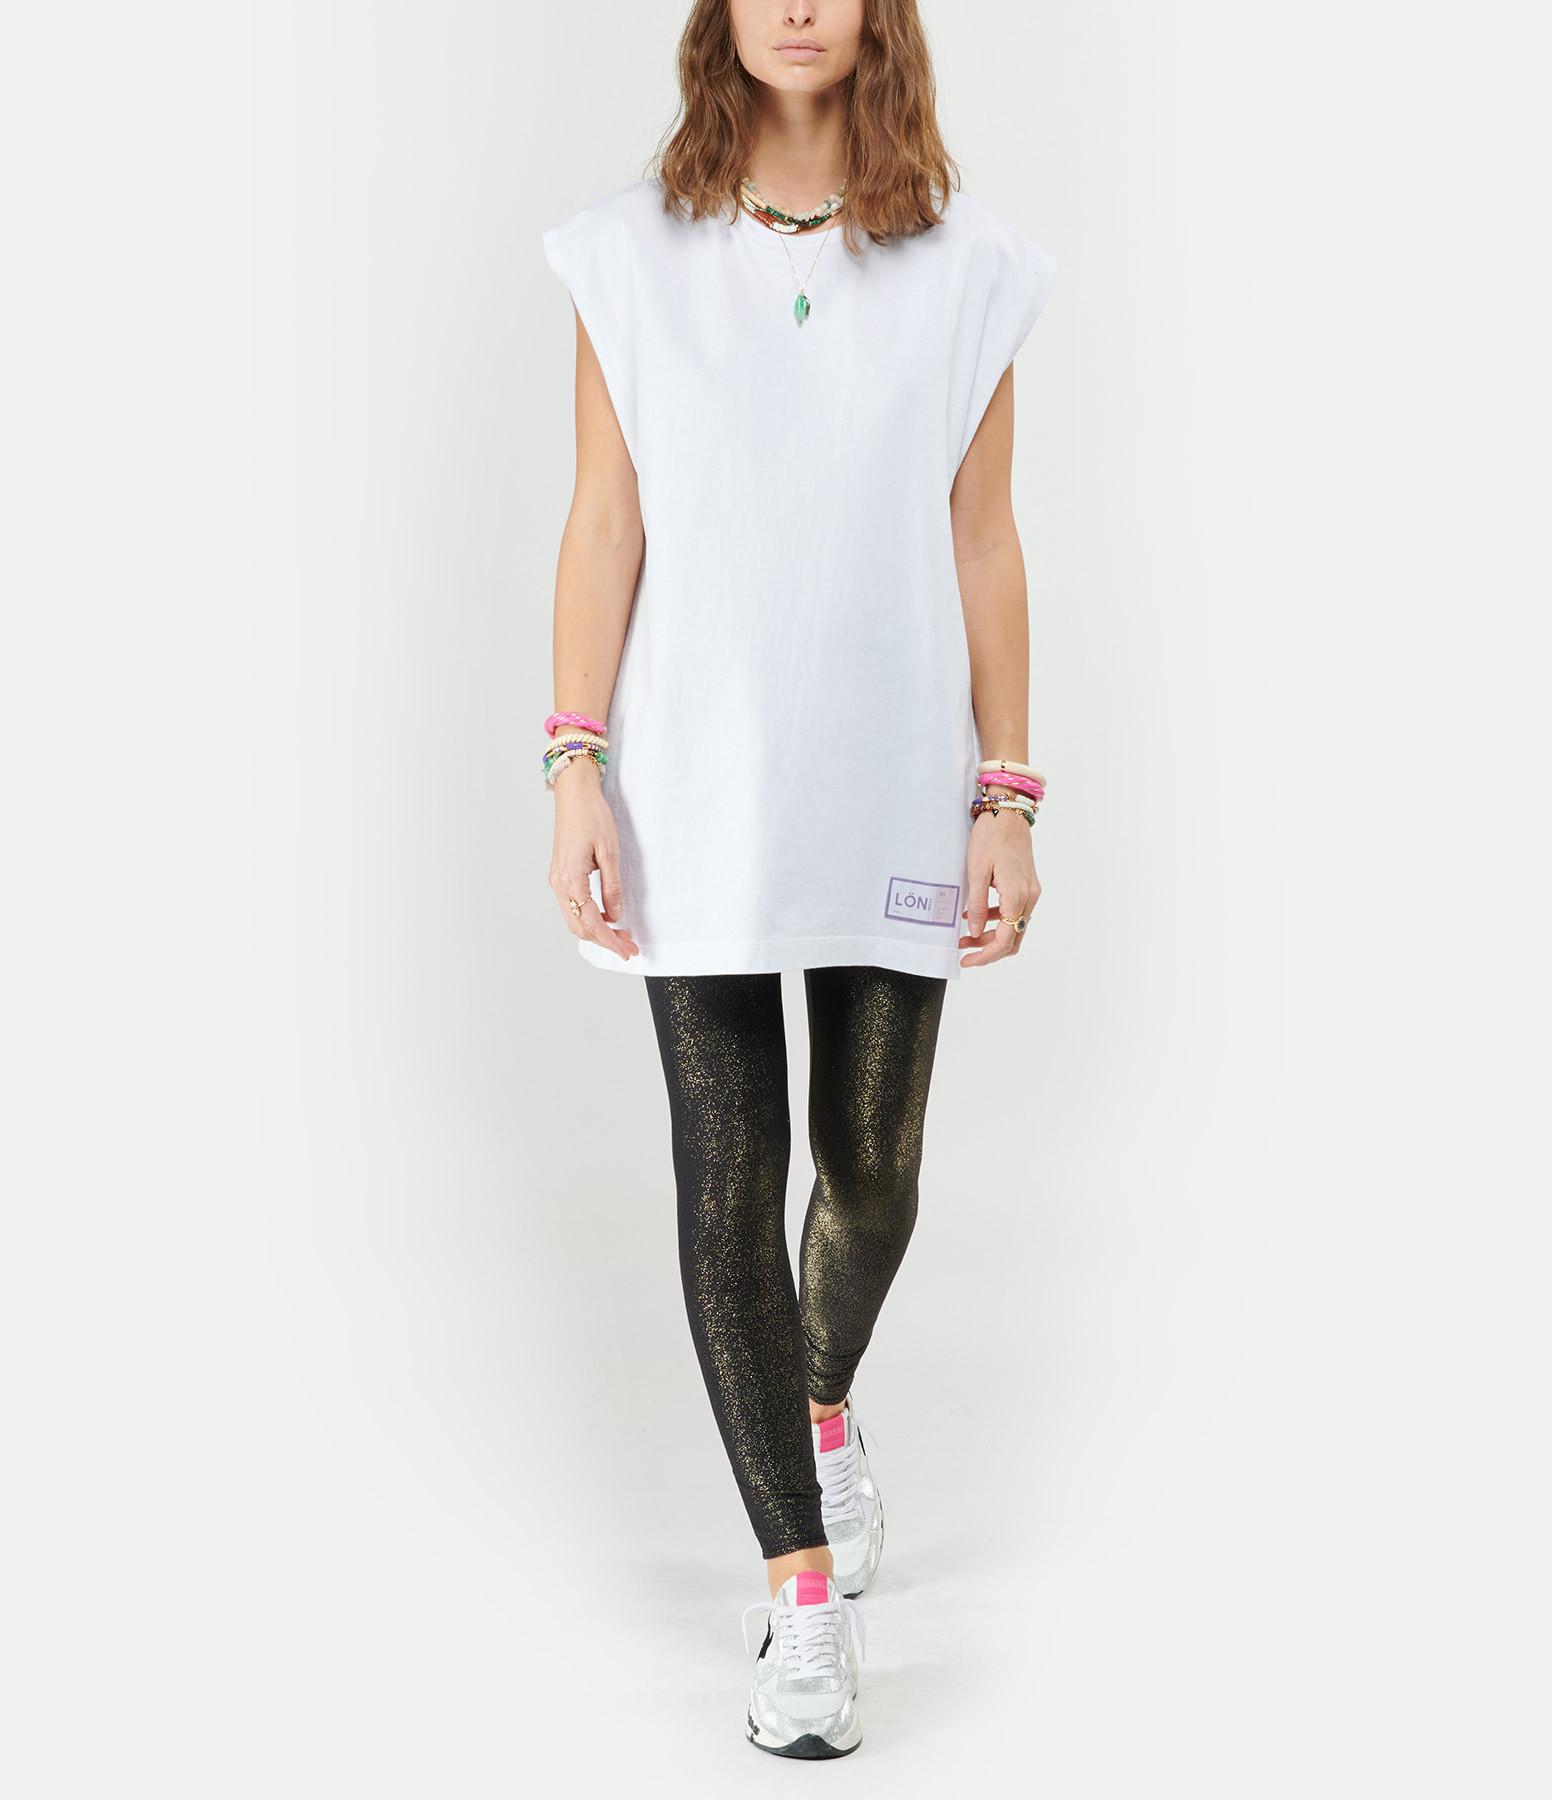 MARGAUX LONNBERG - Tee-shirt Rio Imprimé Blanc